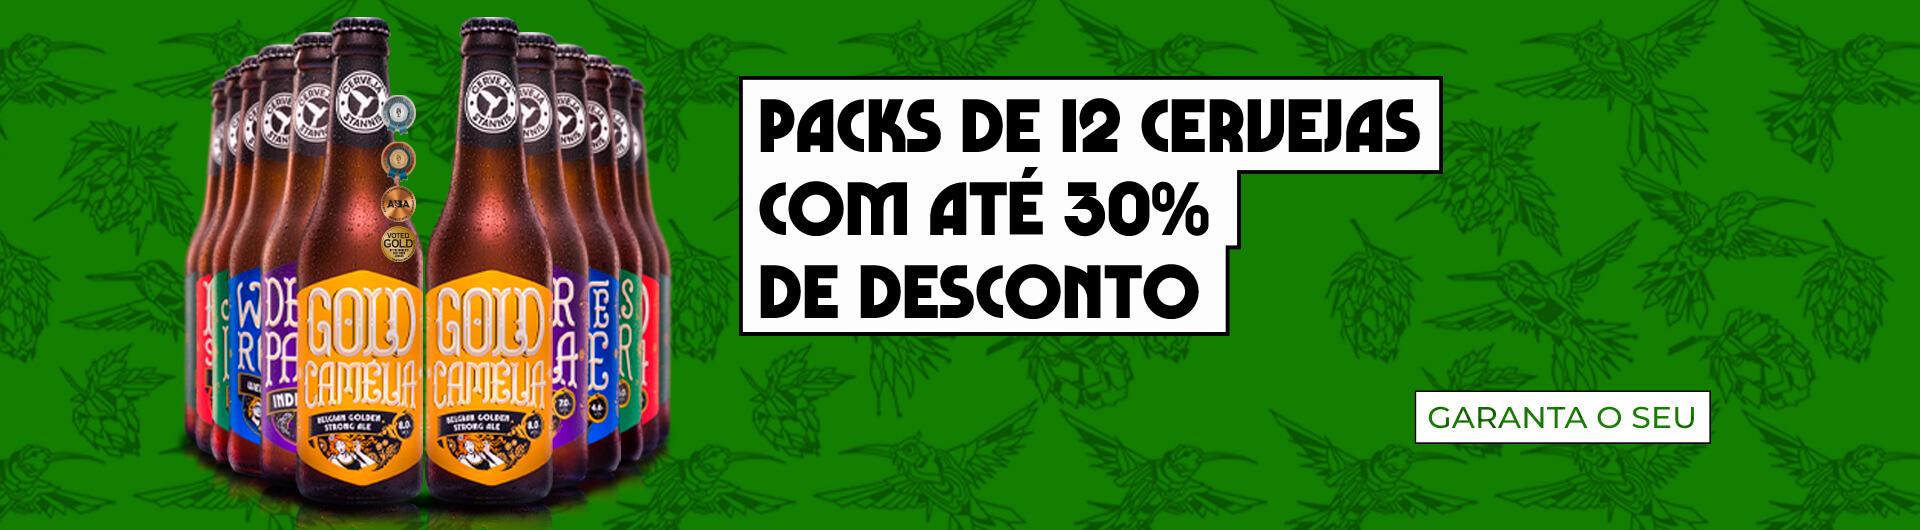 Packs Cerveja Stannis com até 30% de desconto